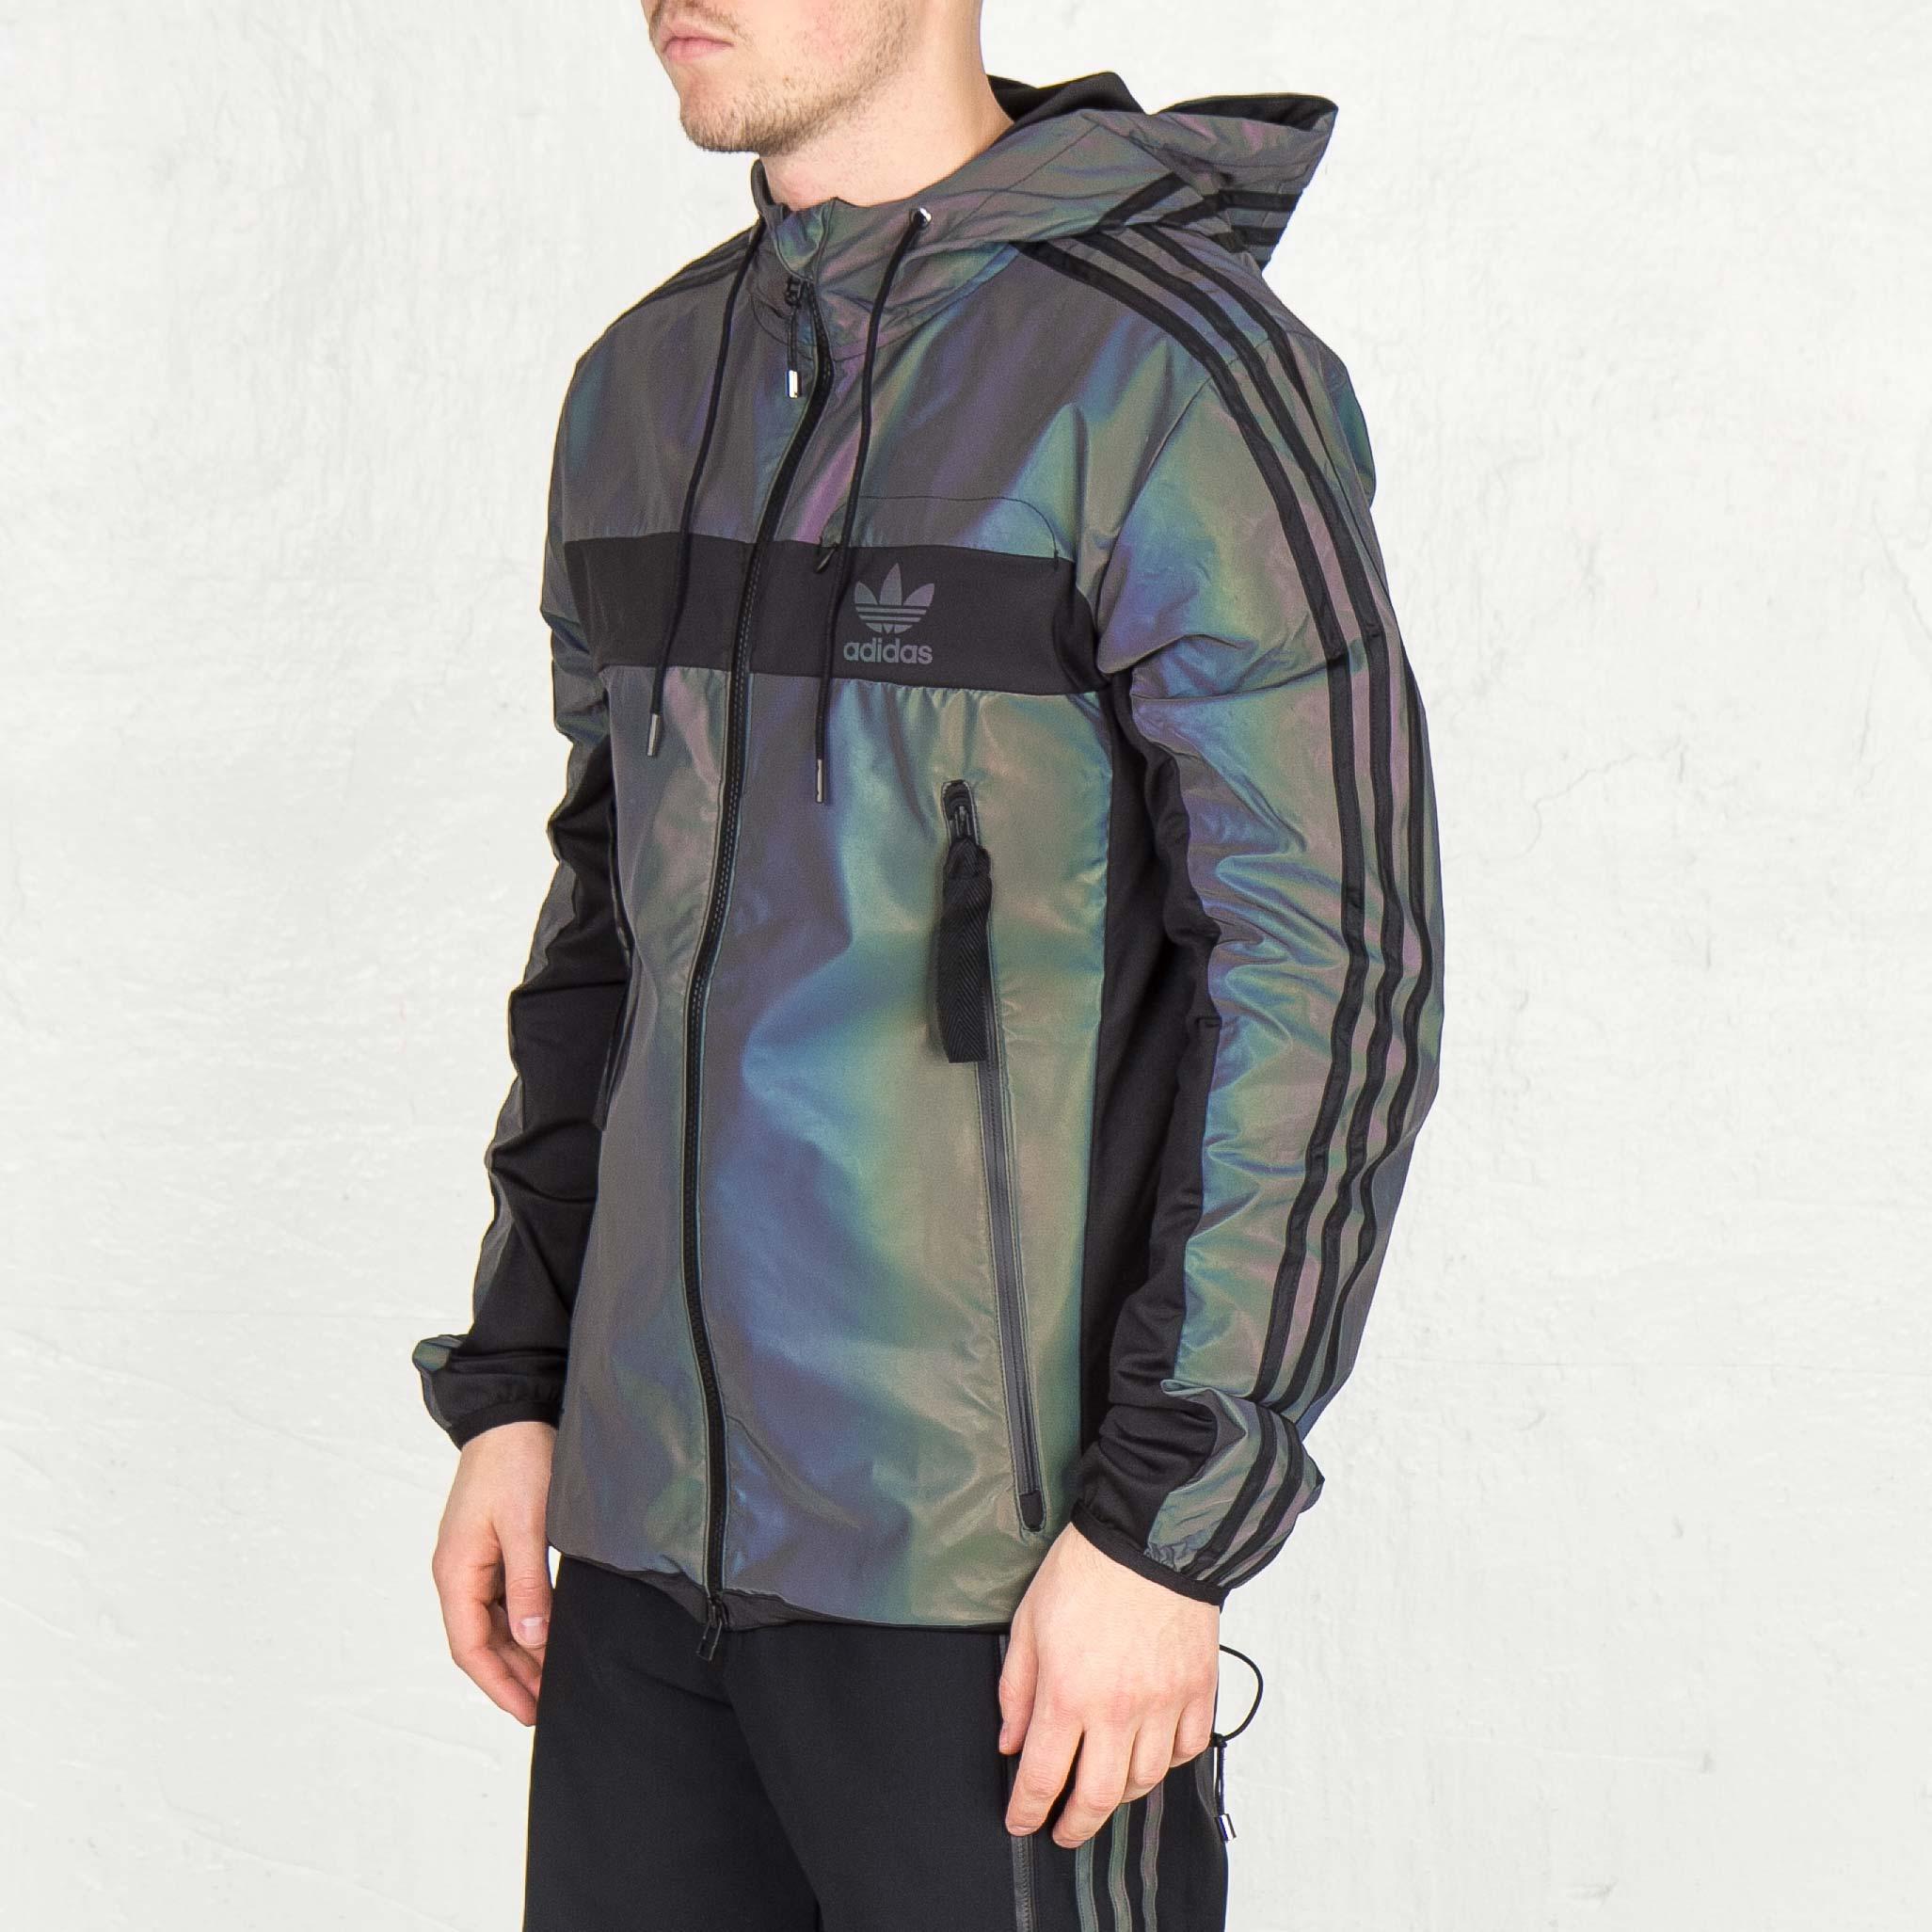 adidas XNO Windbreaker Jacket - Ap1729 - Sneakersnstuff